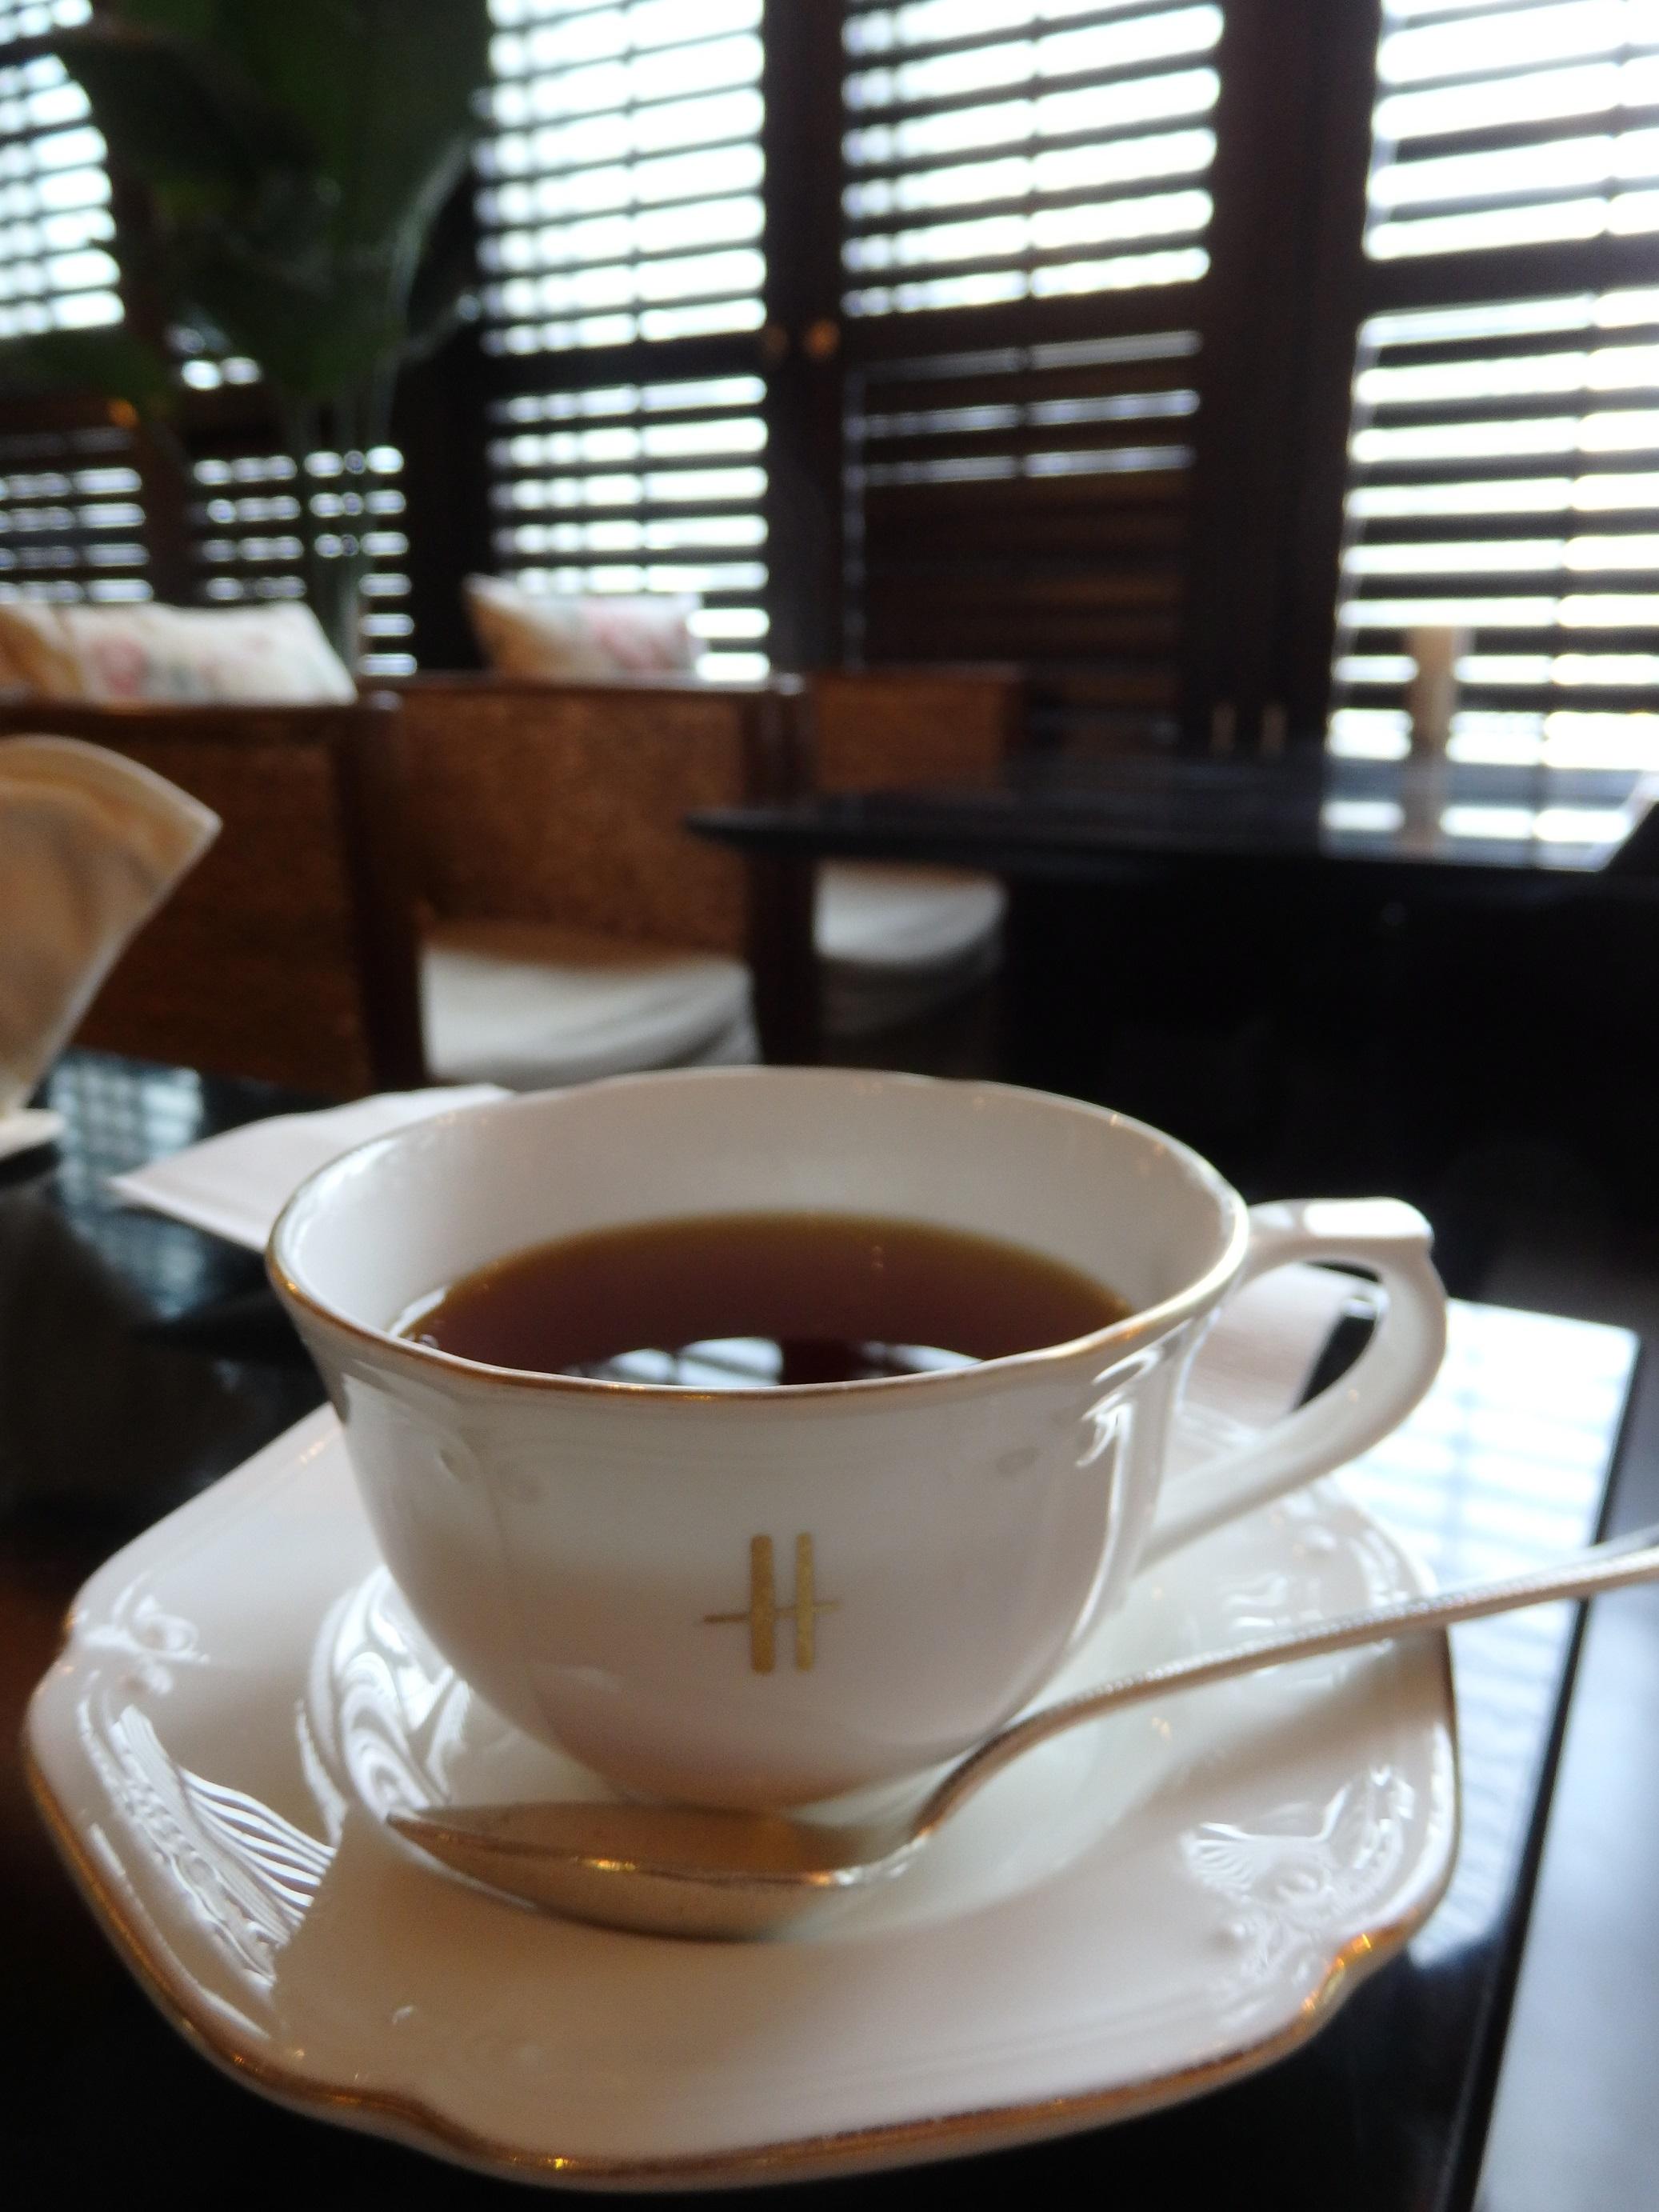 ハロッズの紅茶